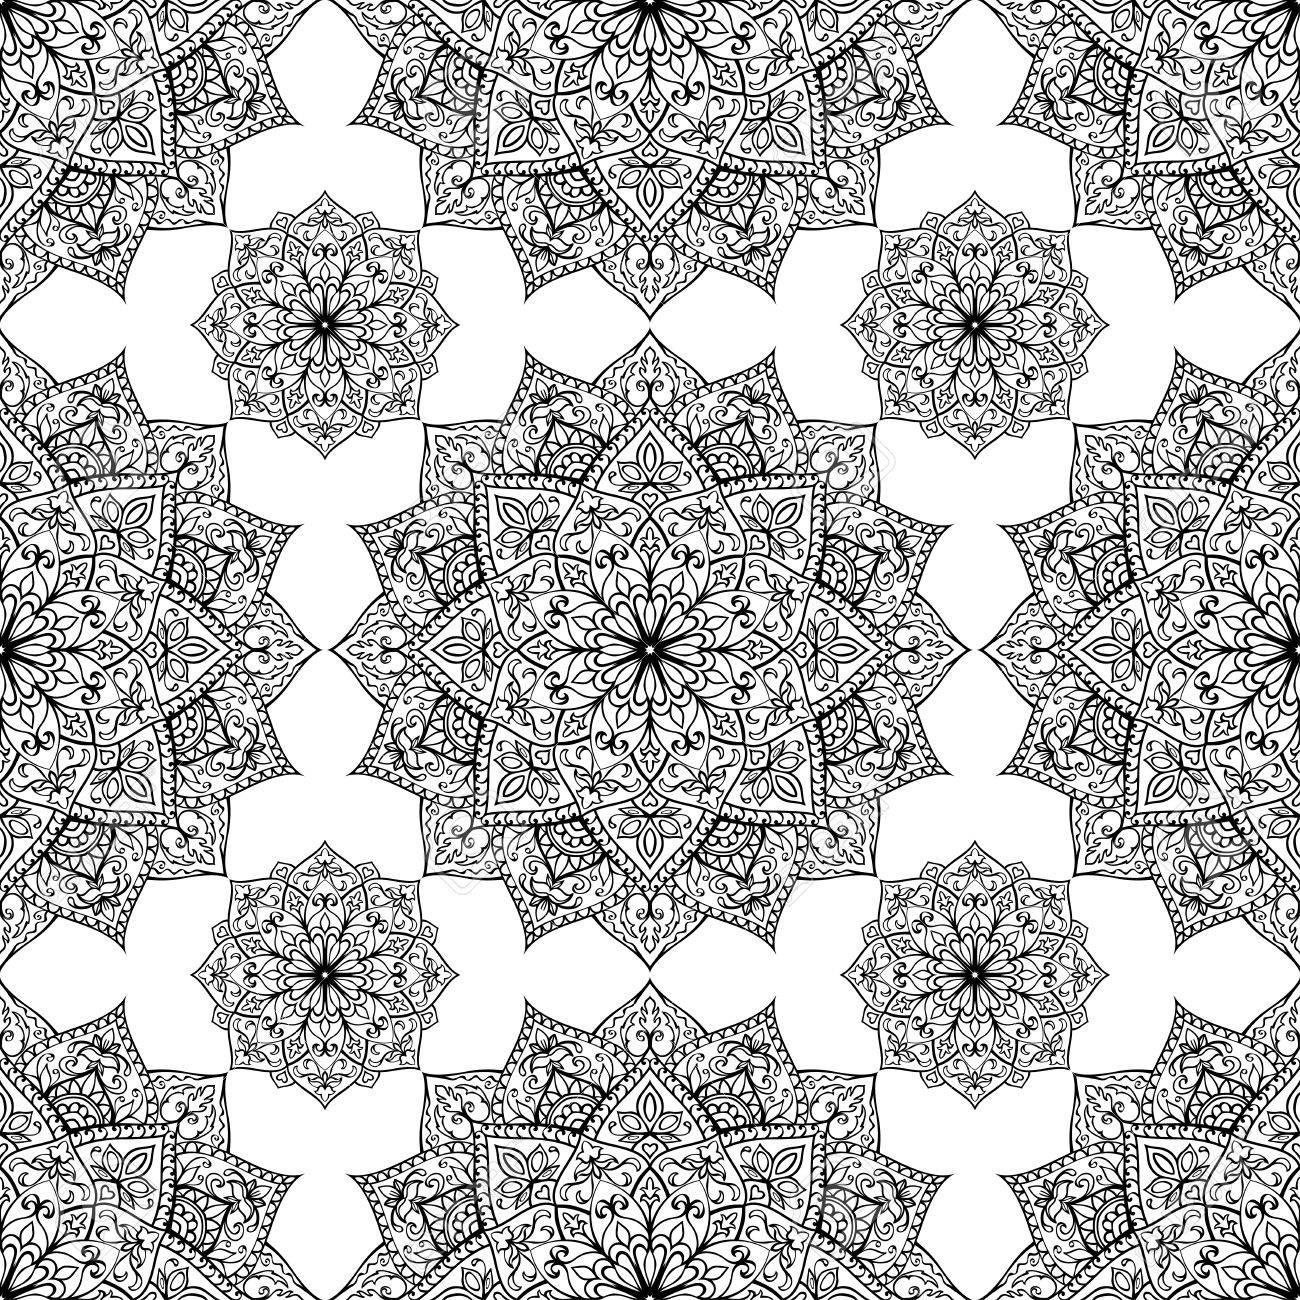 nahtlose, östlich, graphische muster von mandalas auf einem weißen